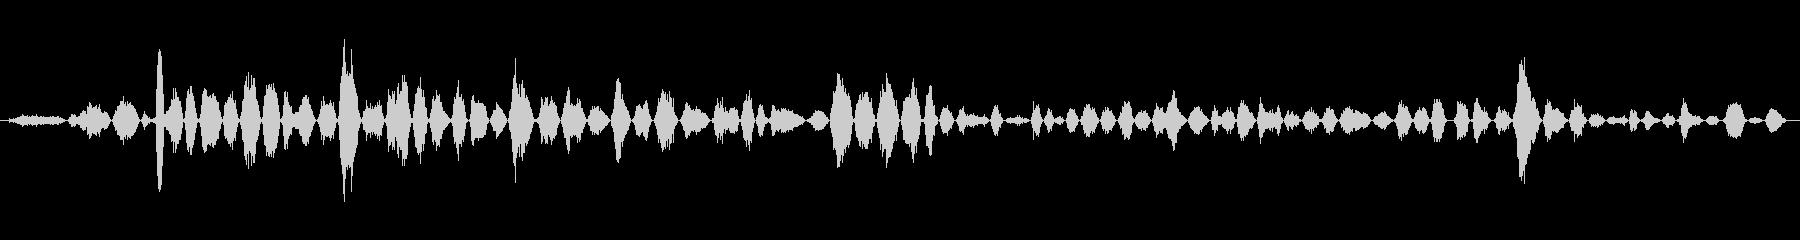 呼吸 女性の恐怖シーケンス01の未再生の波形